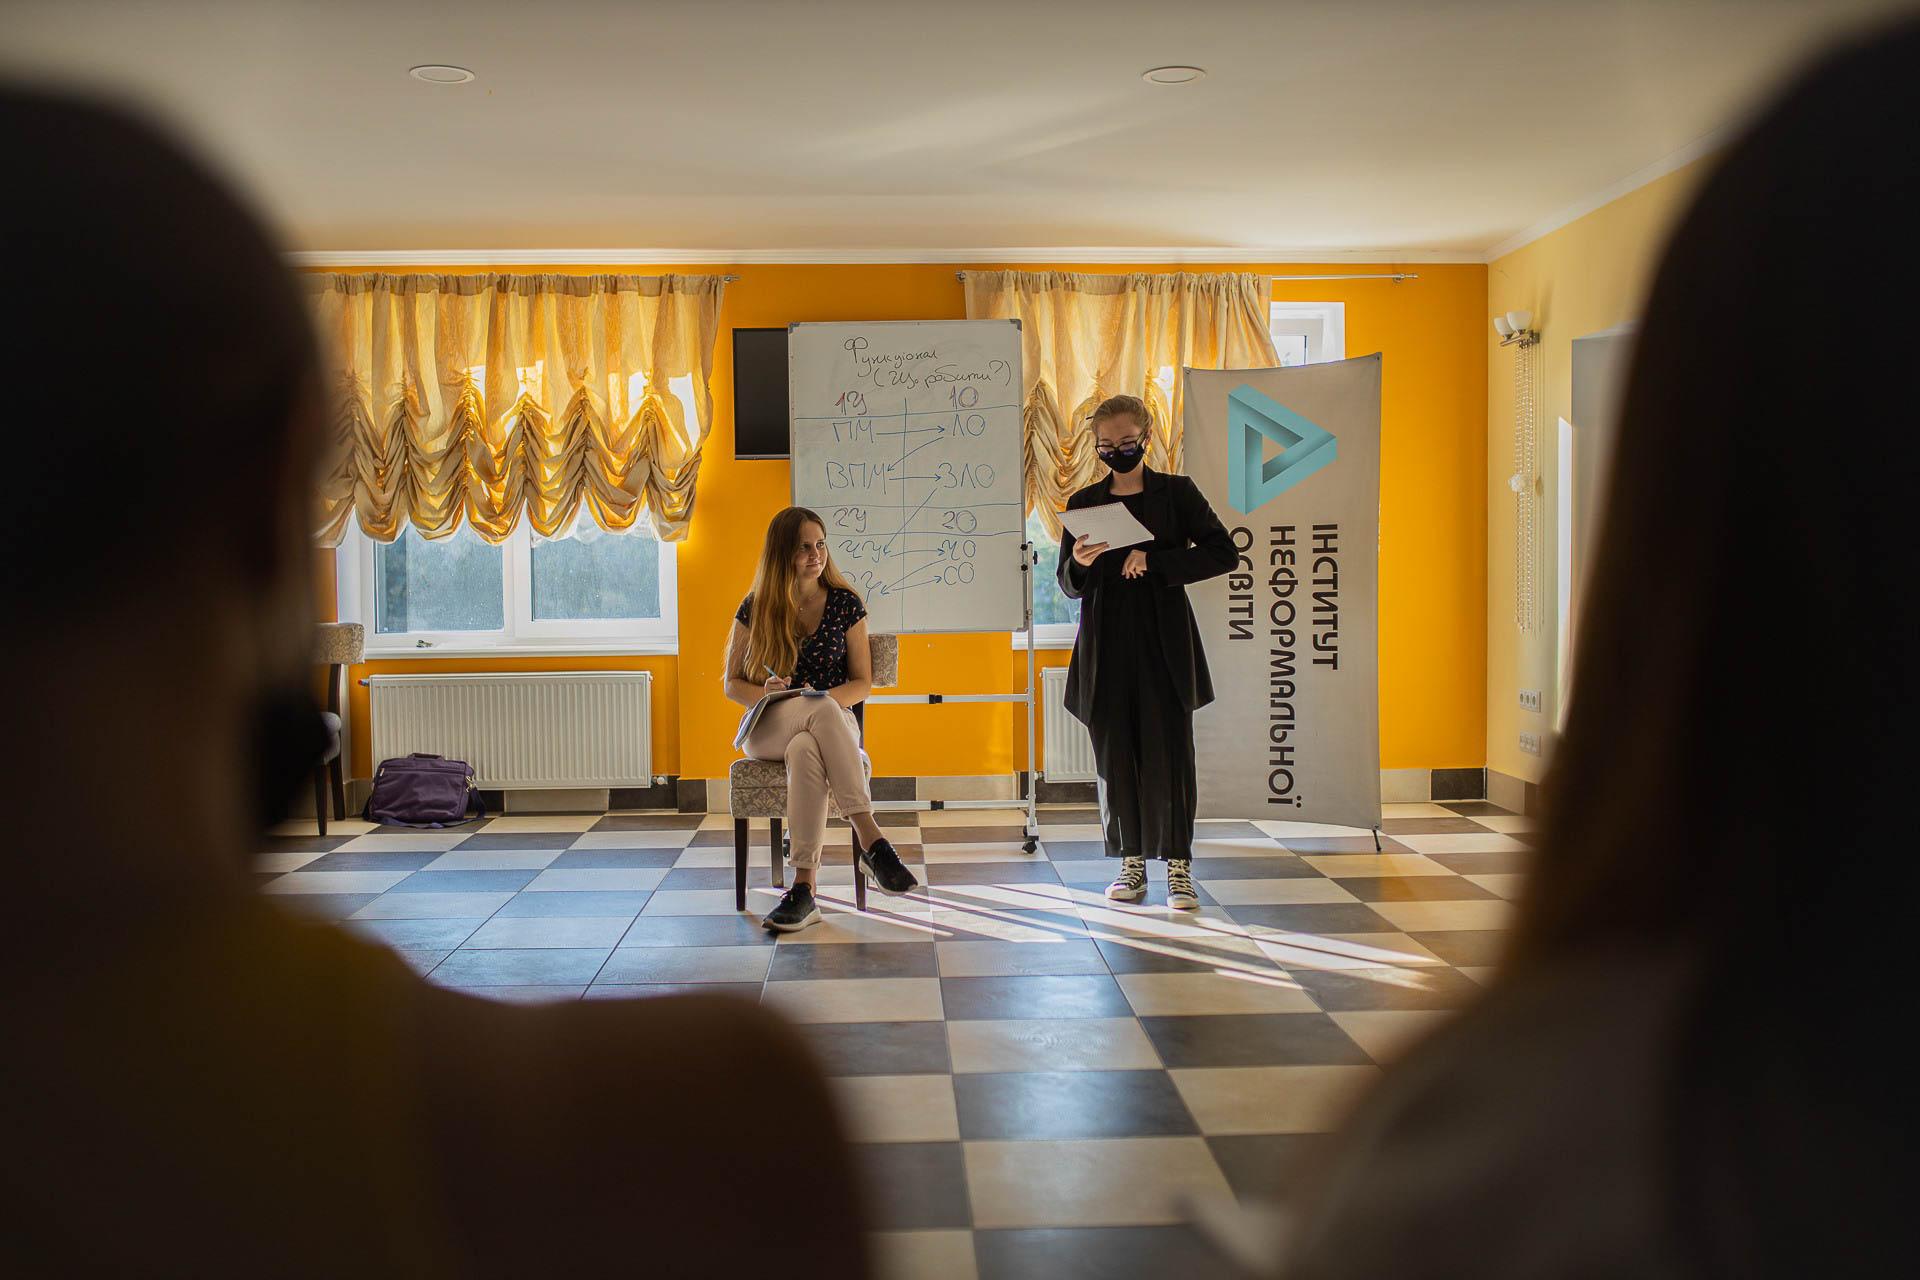 """«Освітня станція """"Д""""»: як вивчення дебатів змінило життя юних прикарпатців і не тільки… (ФОТО)"""